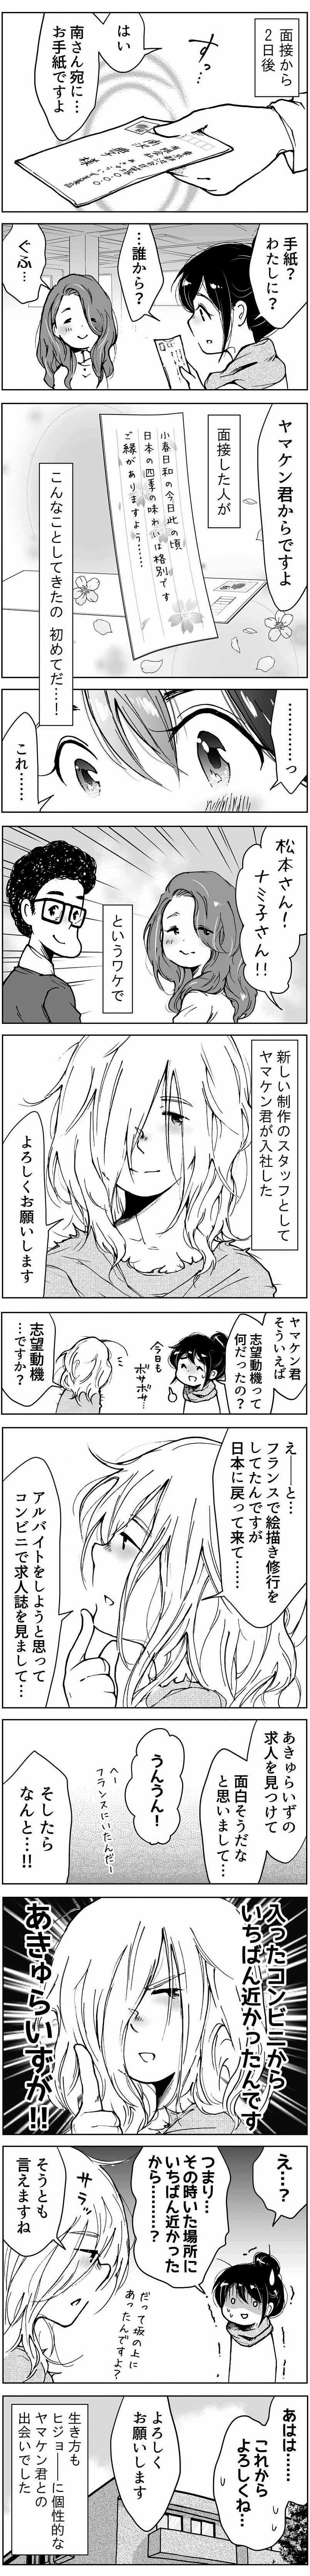 第35話 中途採用をしよう②〈...変な人!? 編〉